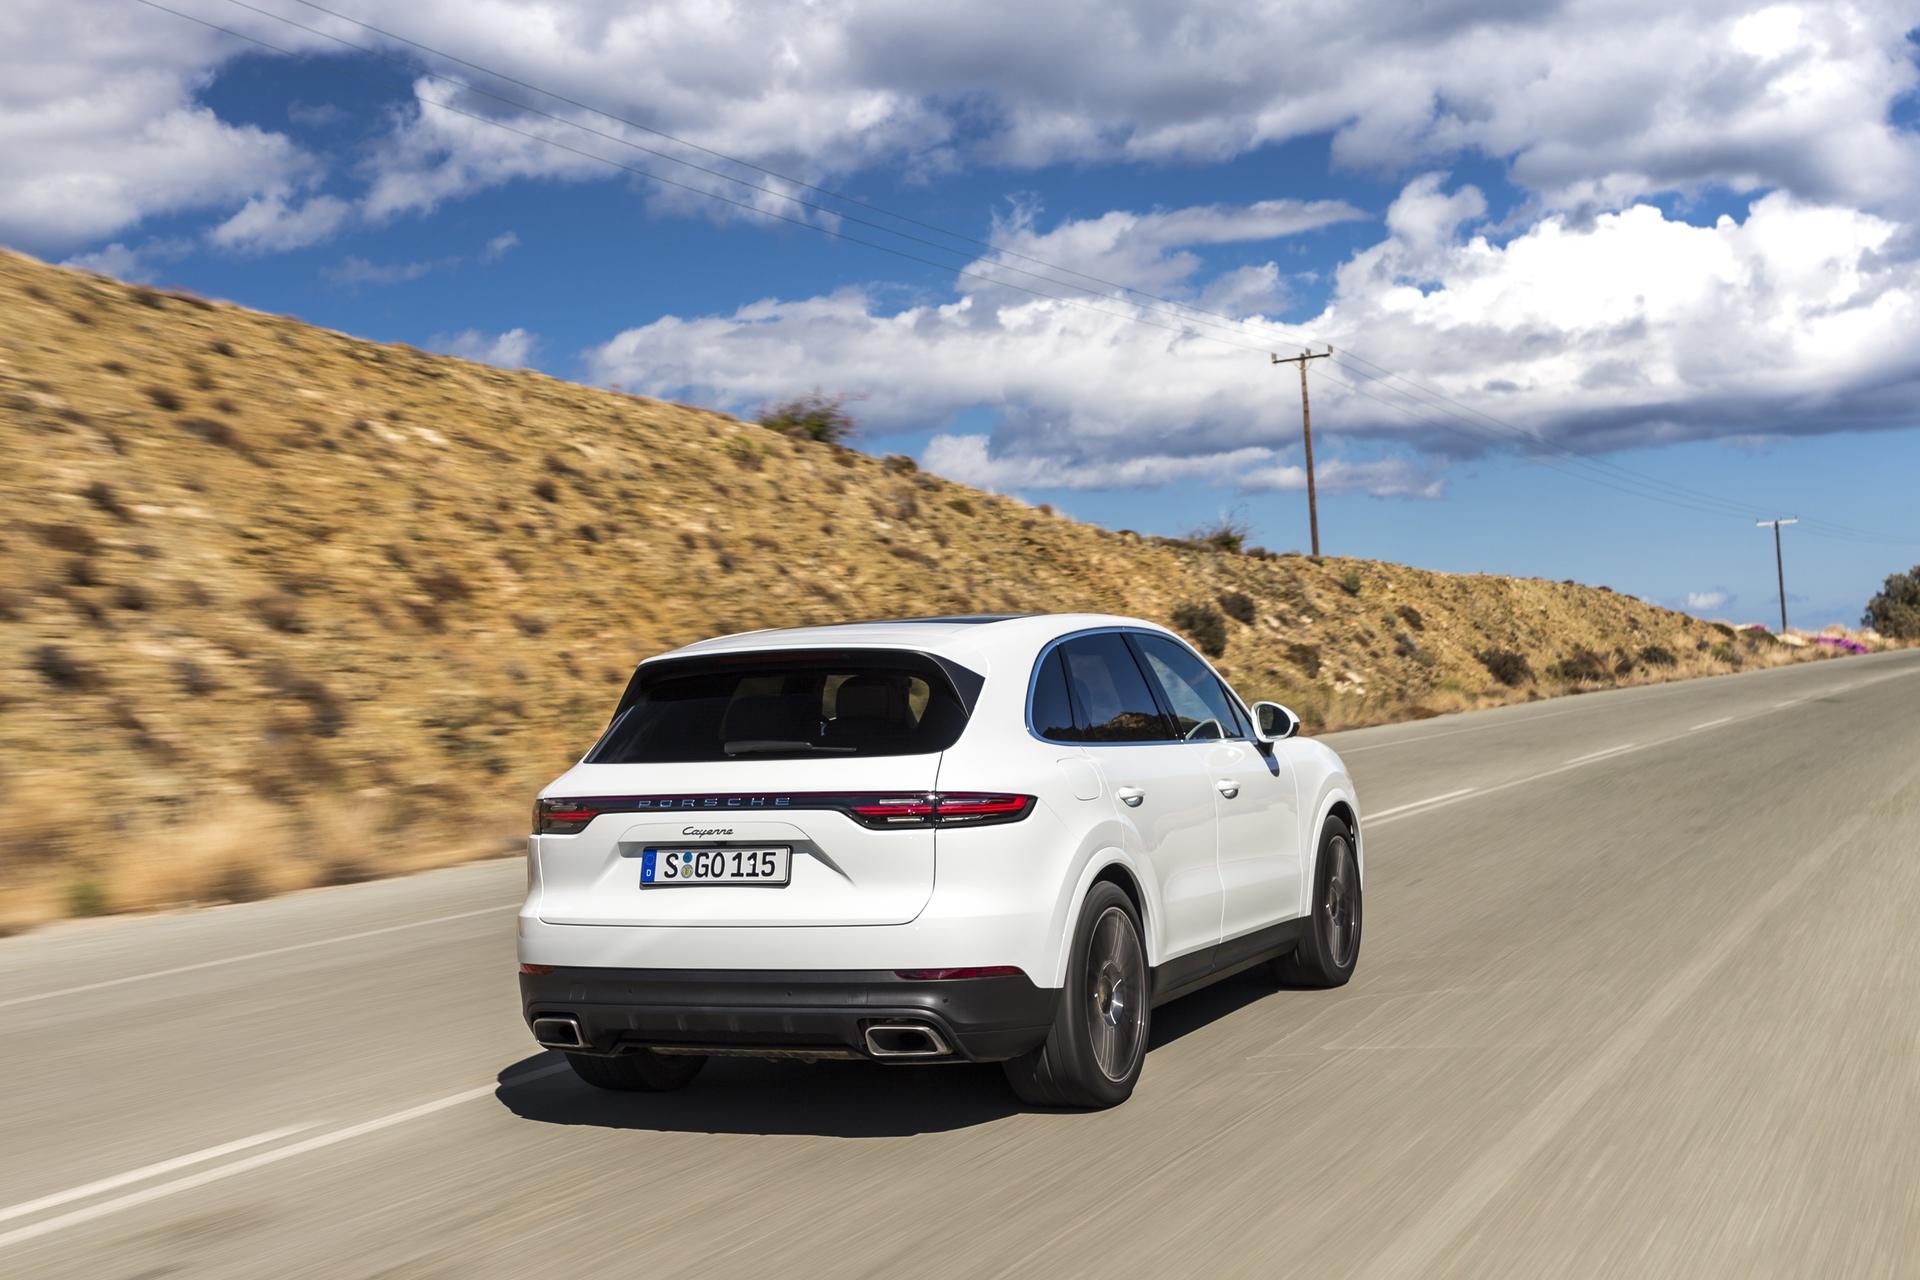 Test_Drive_Porsche_Cayenne_340